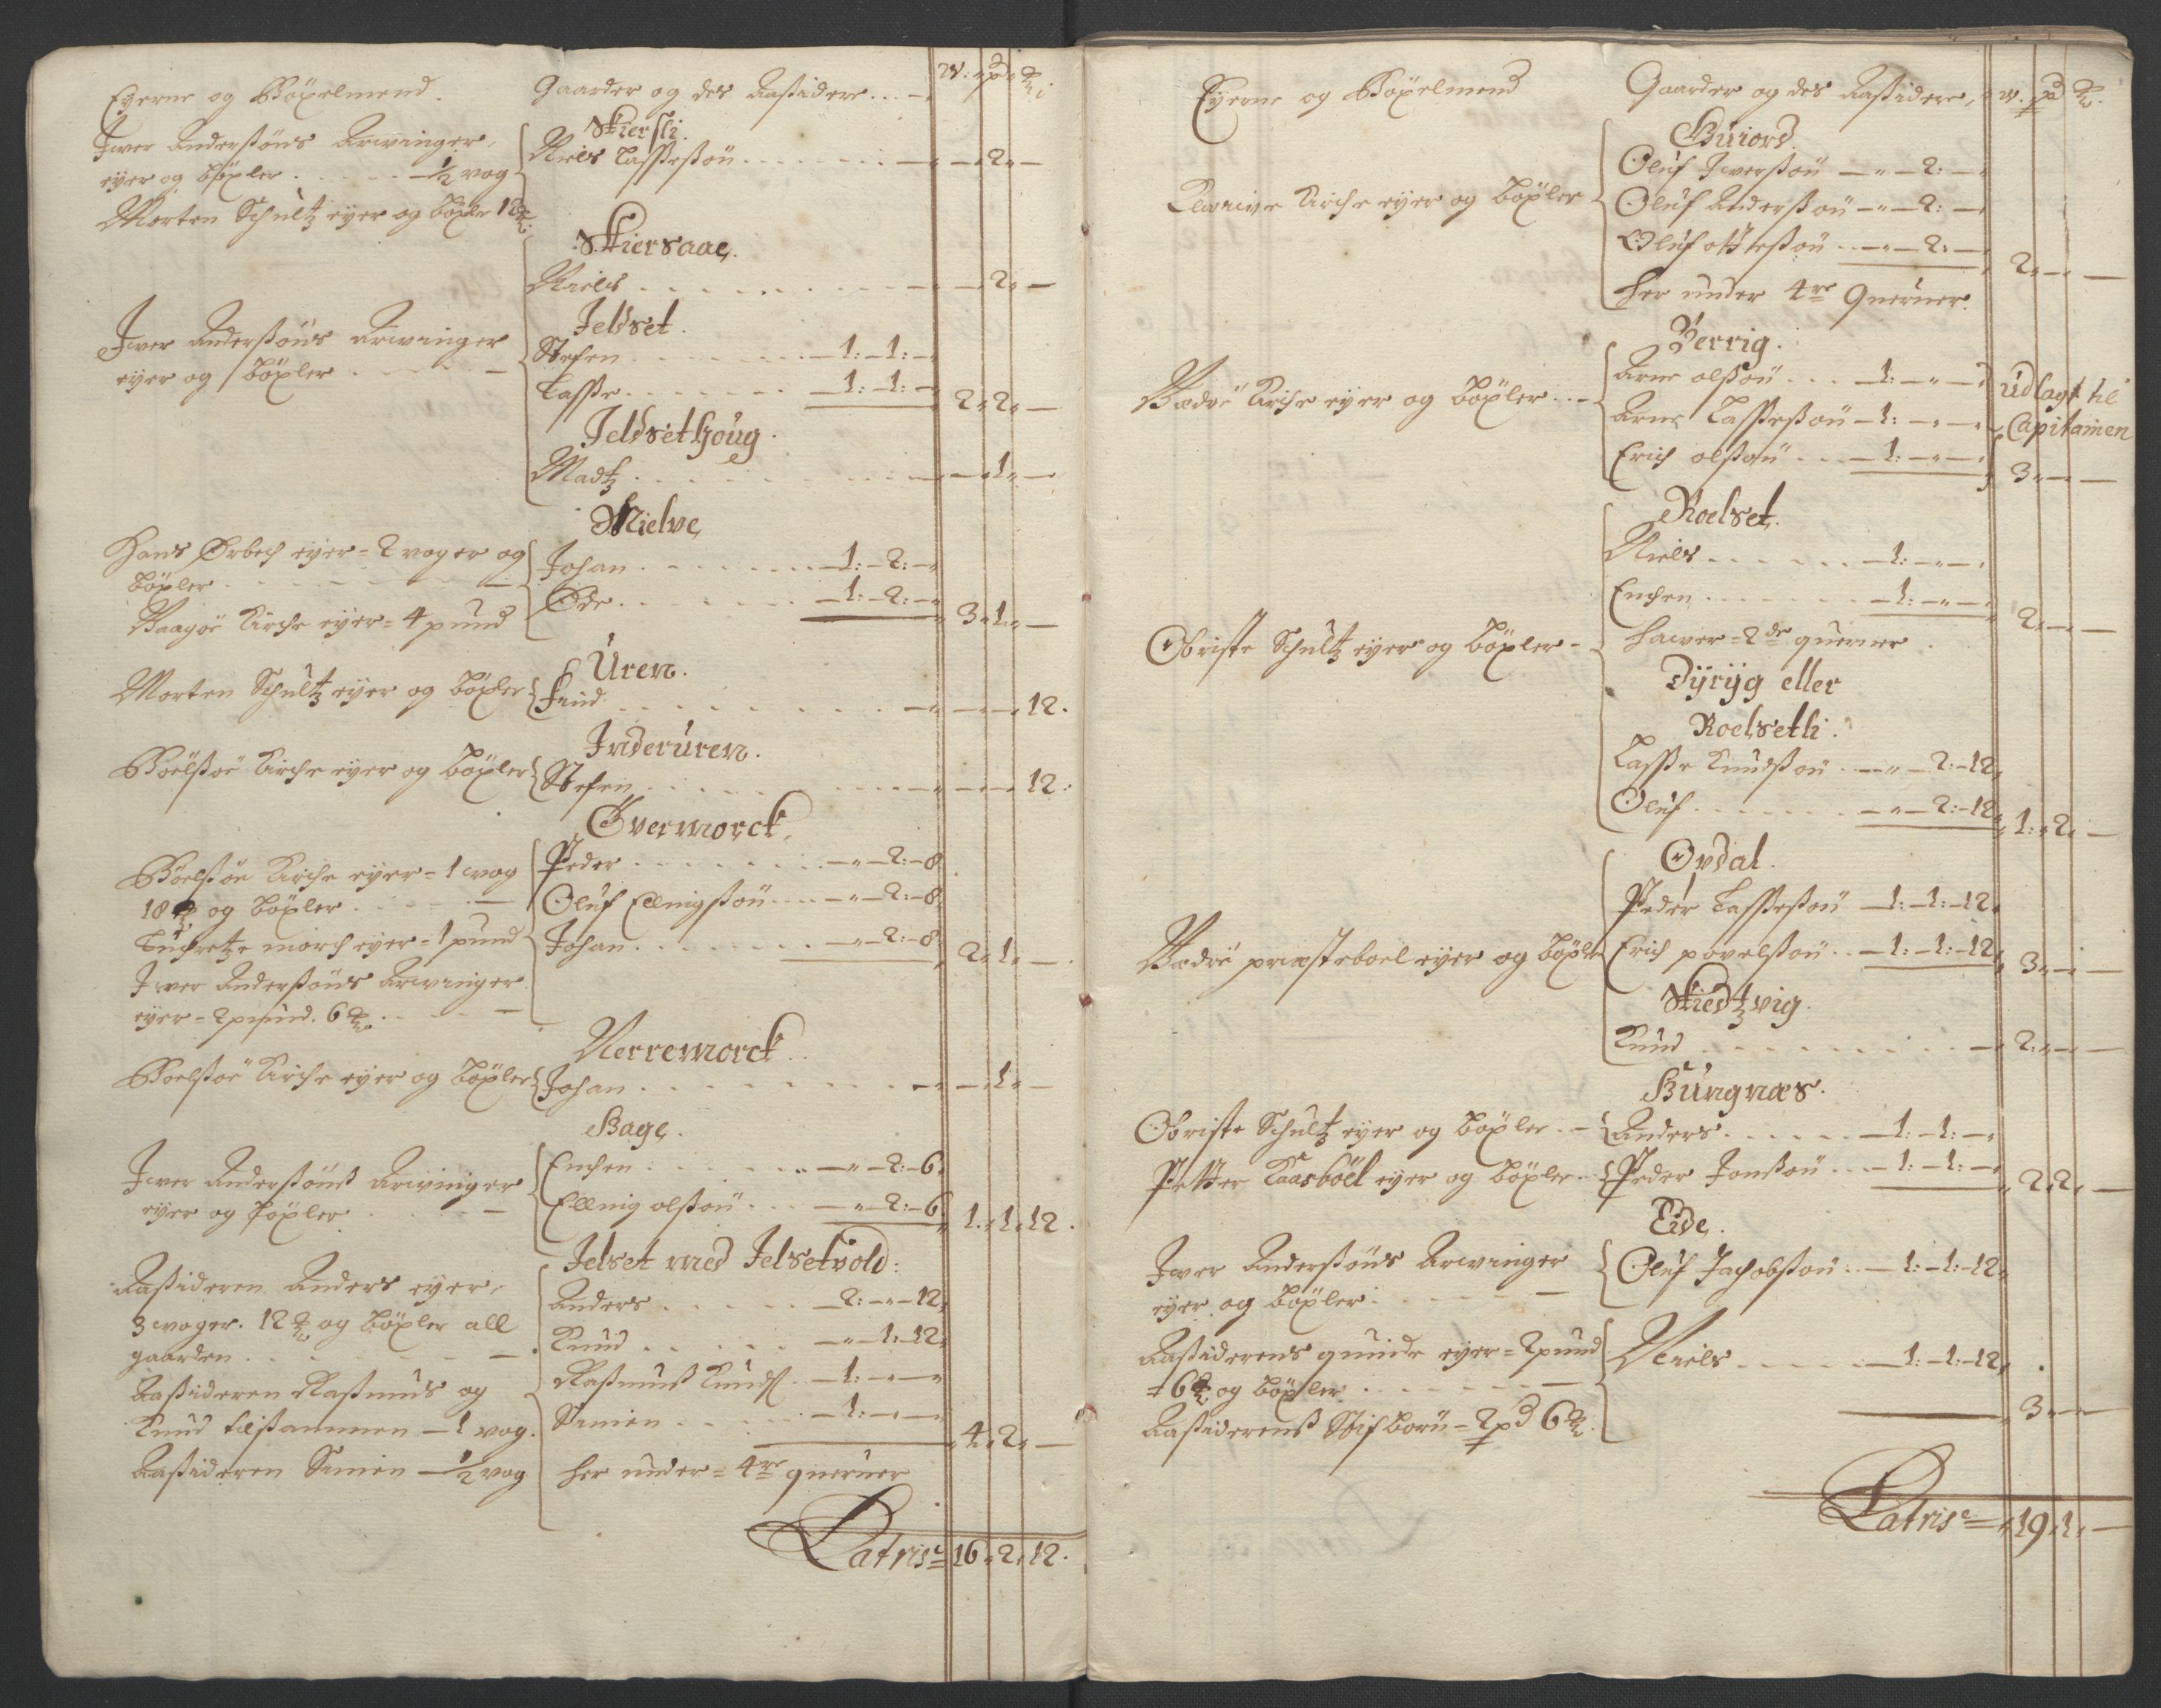 RA, Rentekammeret inntil 1814, Reviderte regnskaper, Fogderegnskap, R55/L3649: Fogderegnskap Romsdal, 1690-1691, s. 12